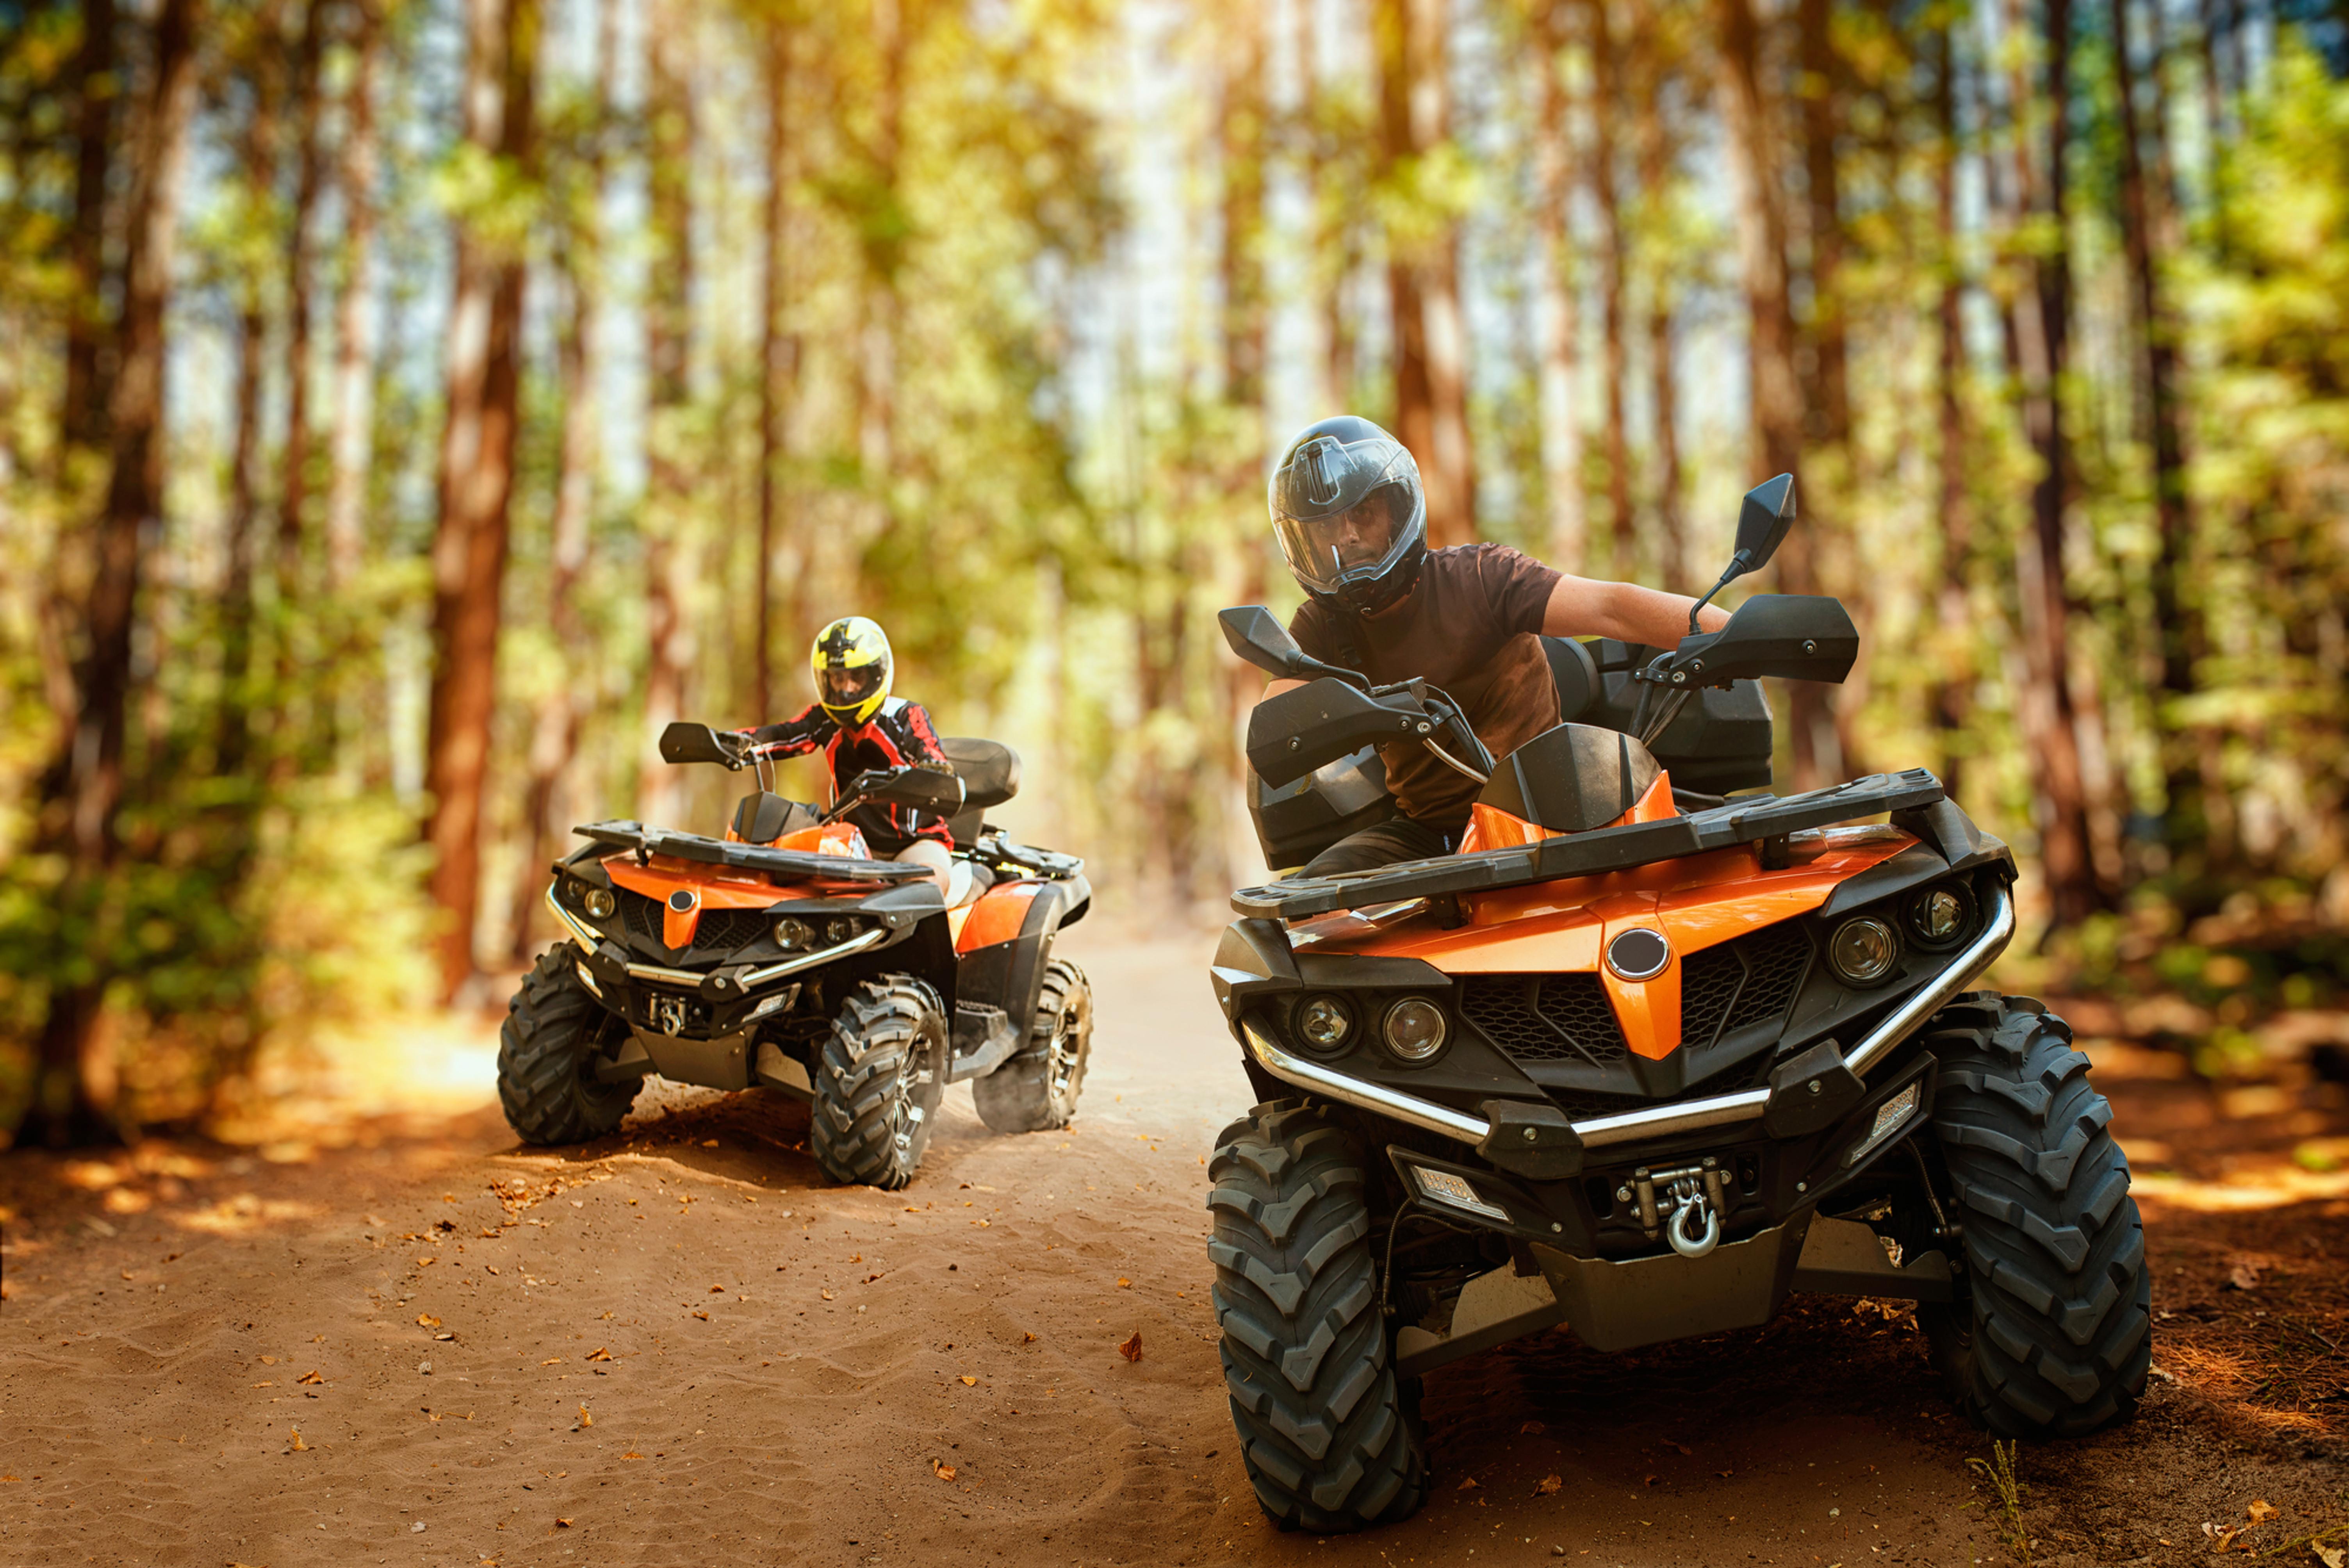 ATV Tour - Single Rider